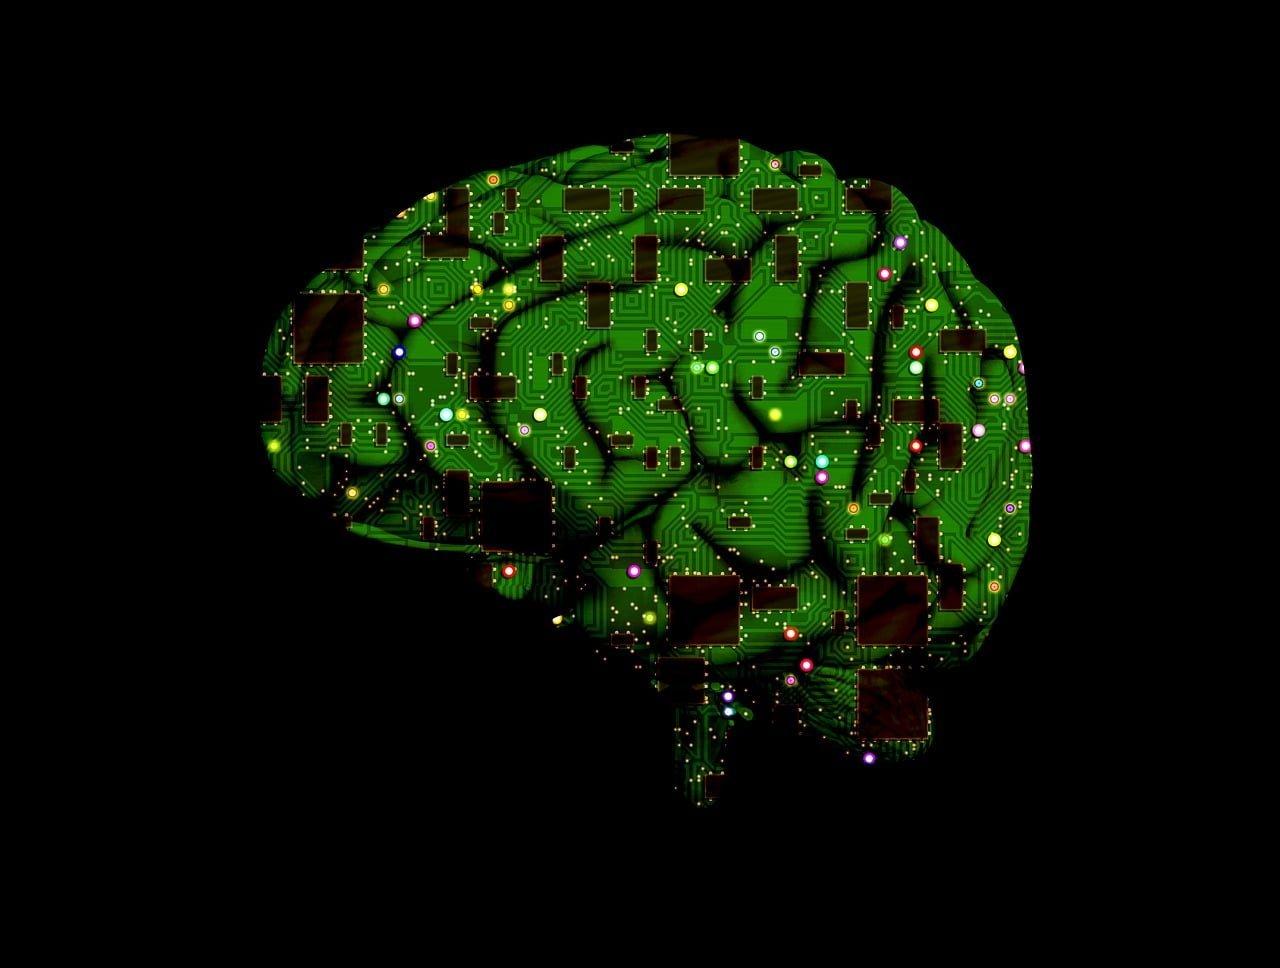 La digitalización de nuestra vida es el mando a distancia de nuestra inteligencia